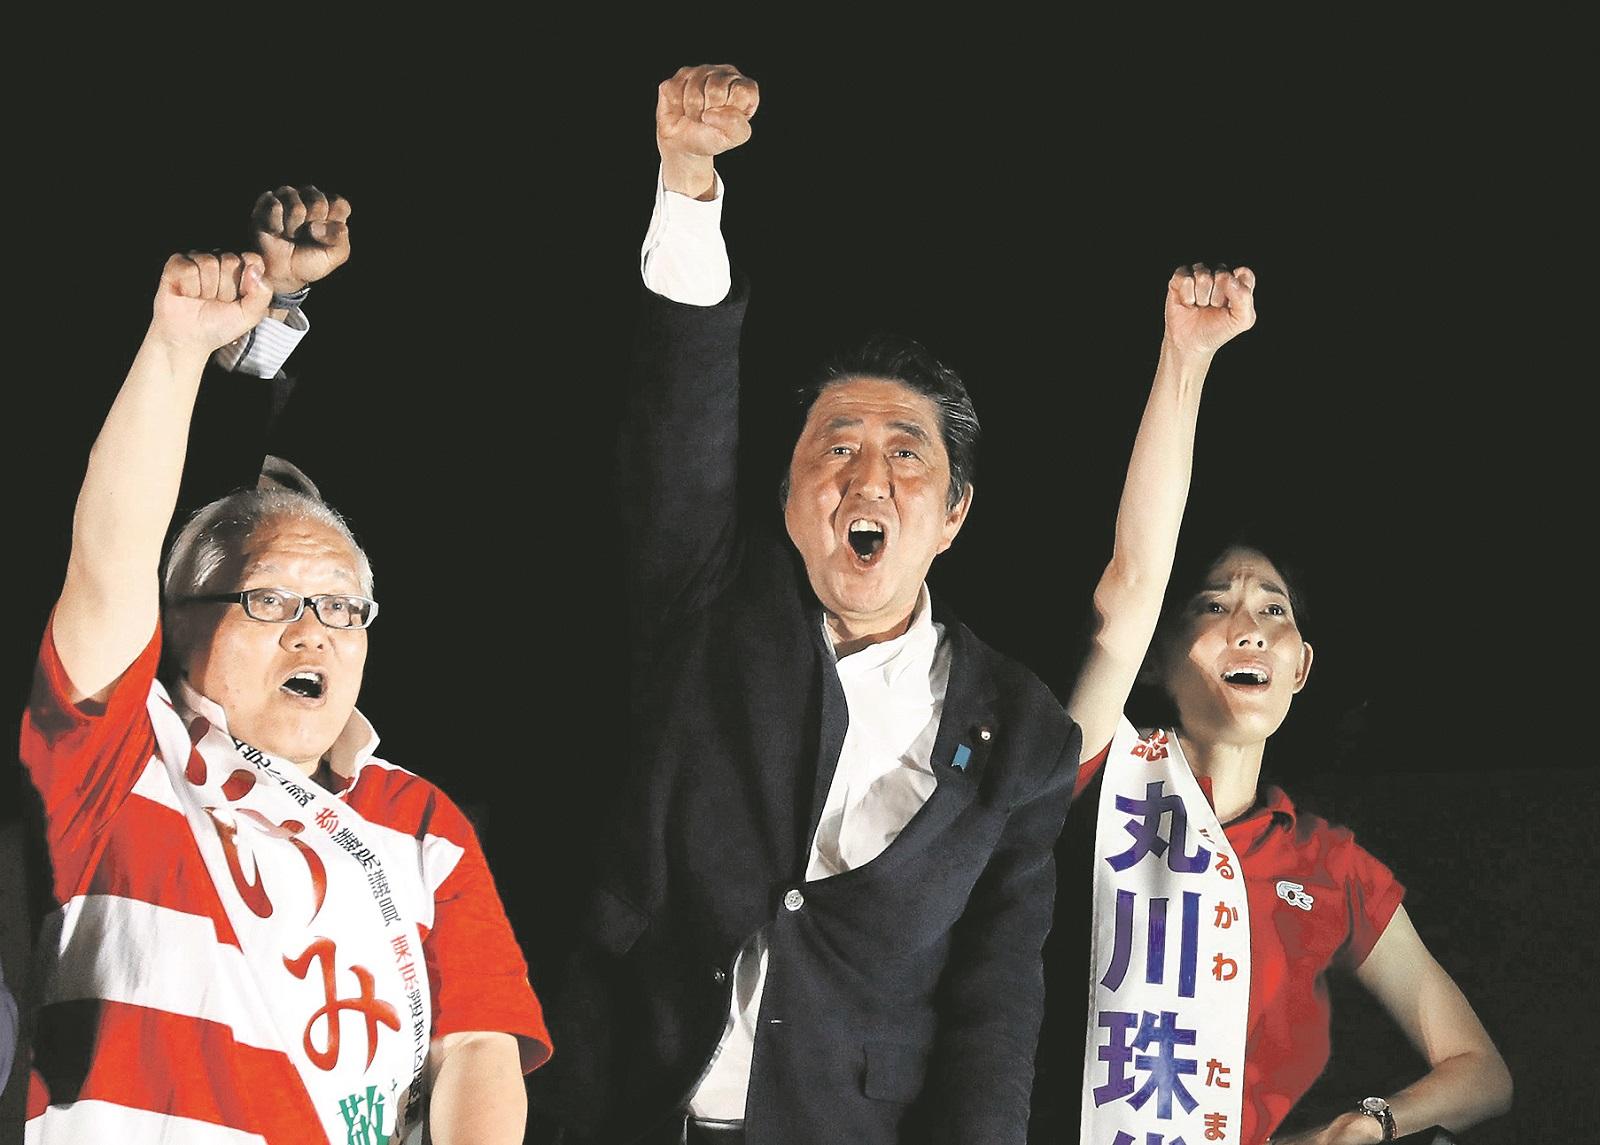 252792-324255-2019-07-20T114817Z_511214016_RC1C2CE1C300_RTRMADP_3_JAPAN-ELECTION copy_1